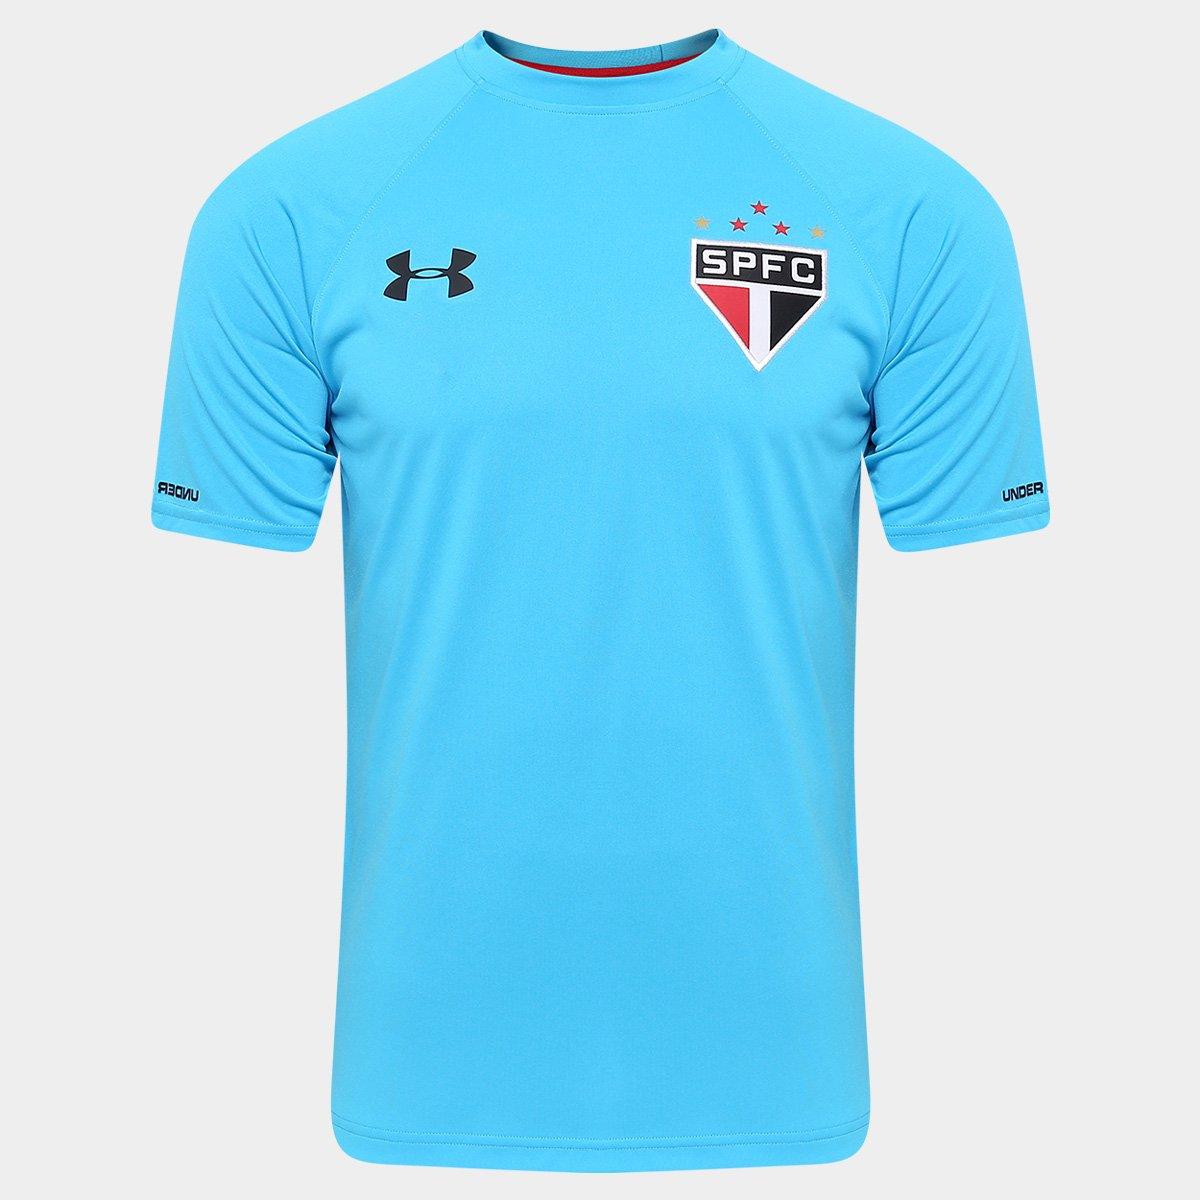 85e2e2ecdf Camisa São Paulo Goleiro II 16/17 s/nº - Torcedor Under Armour Masculina    Netshoes